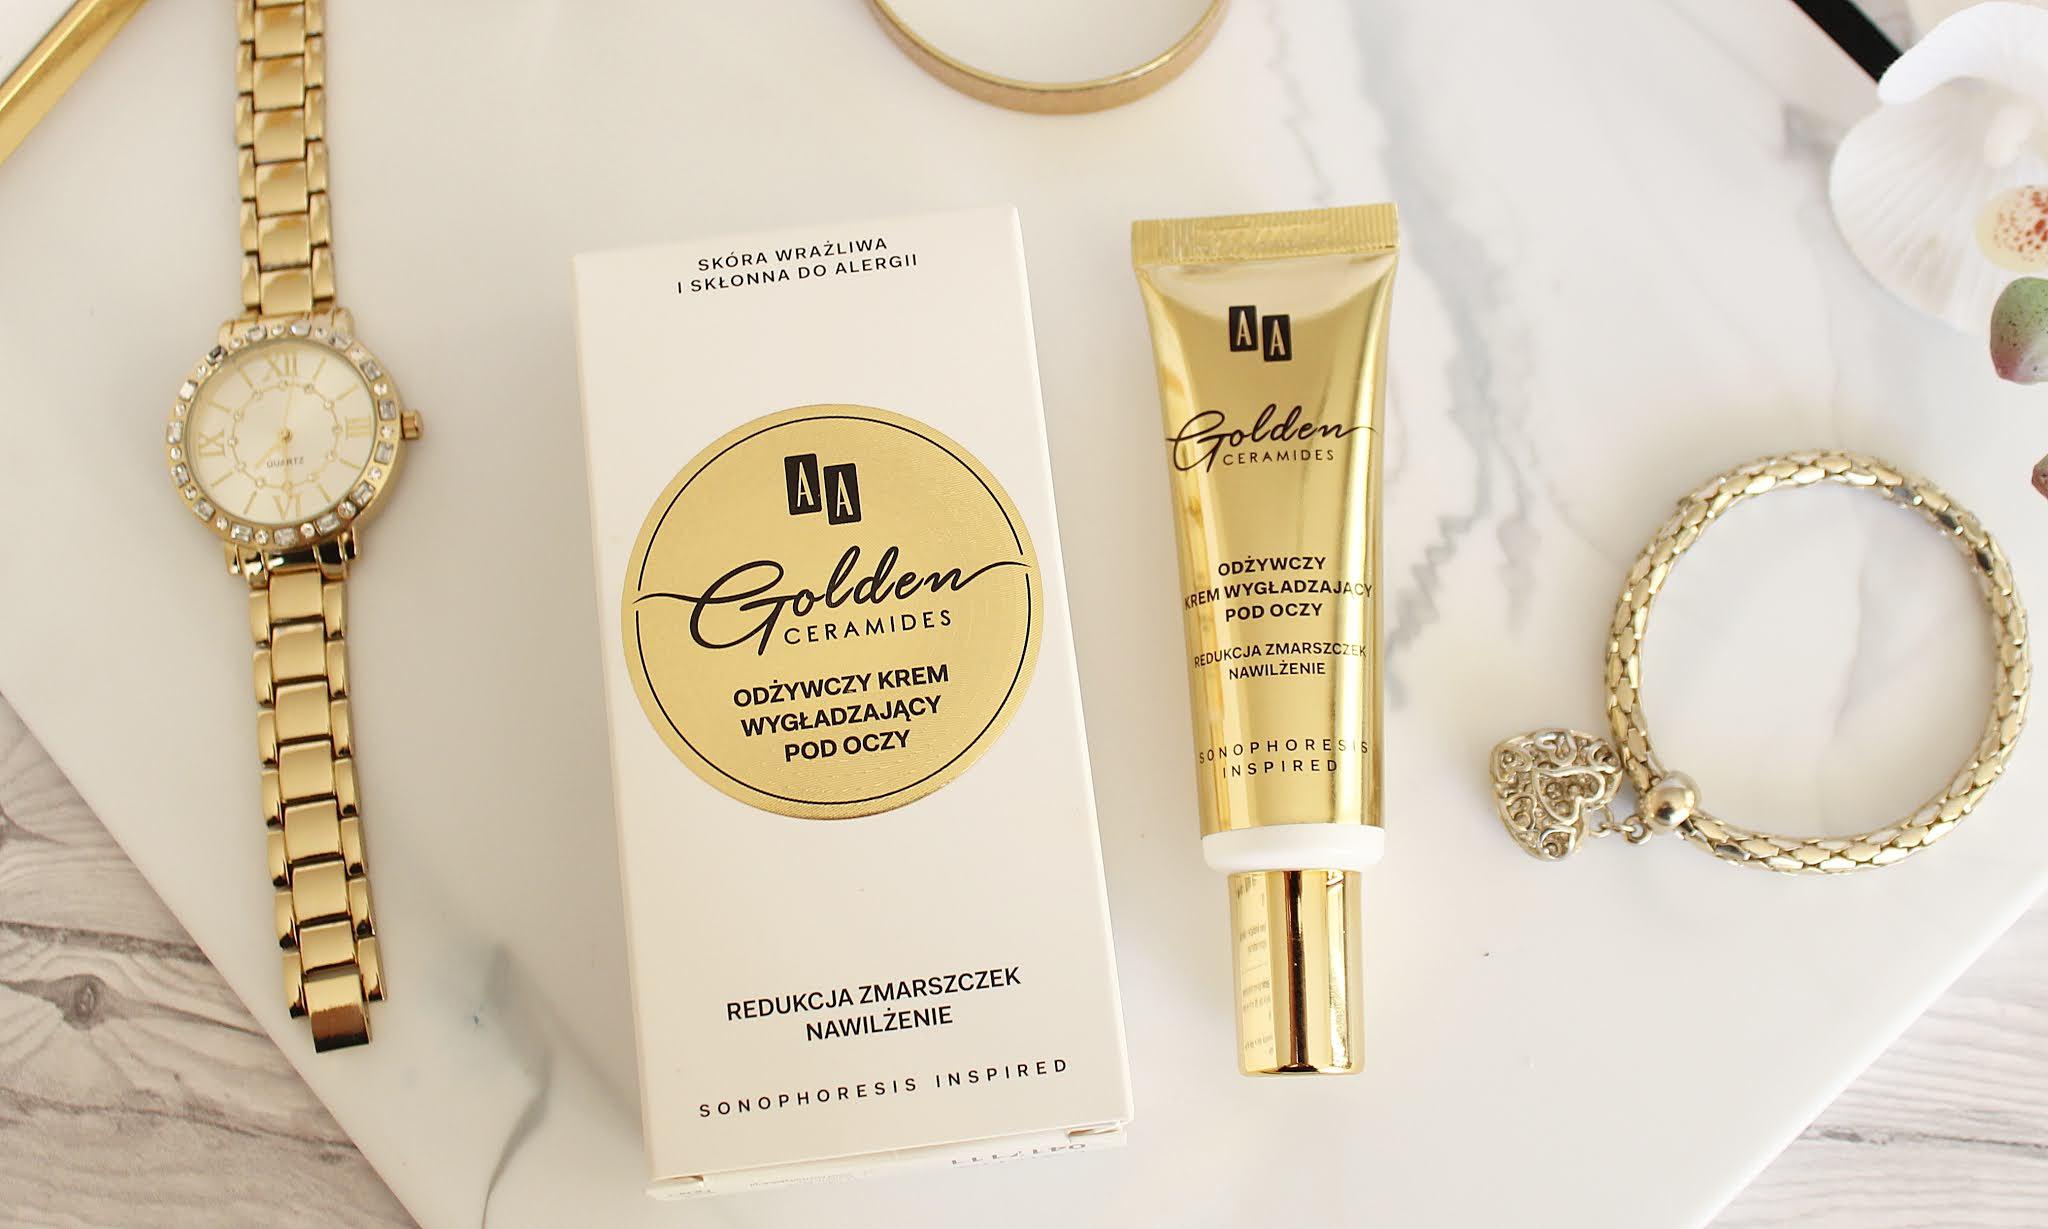 AA Golden Ceramides Odżywczy krem wygładzający pod oczy